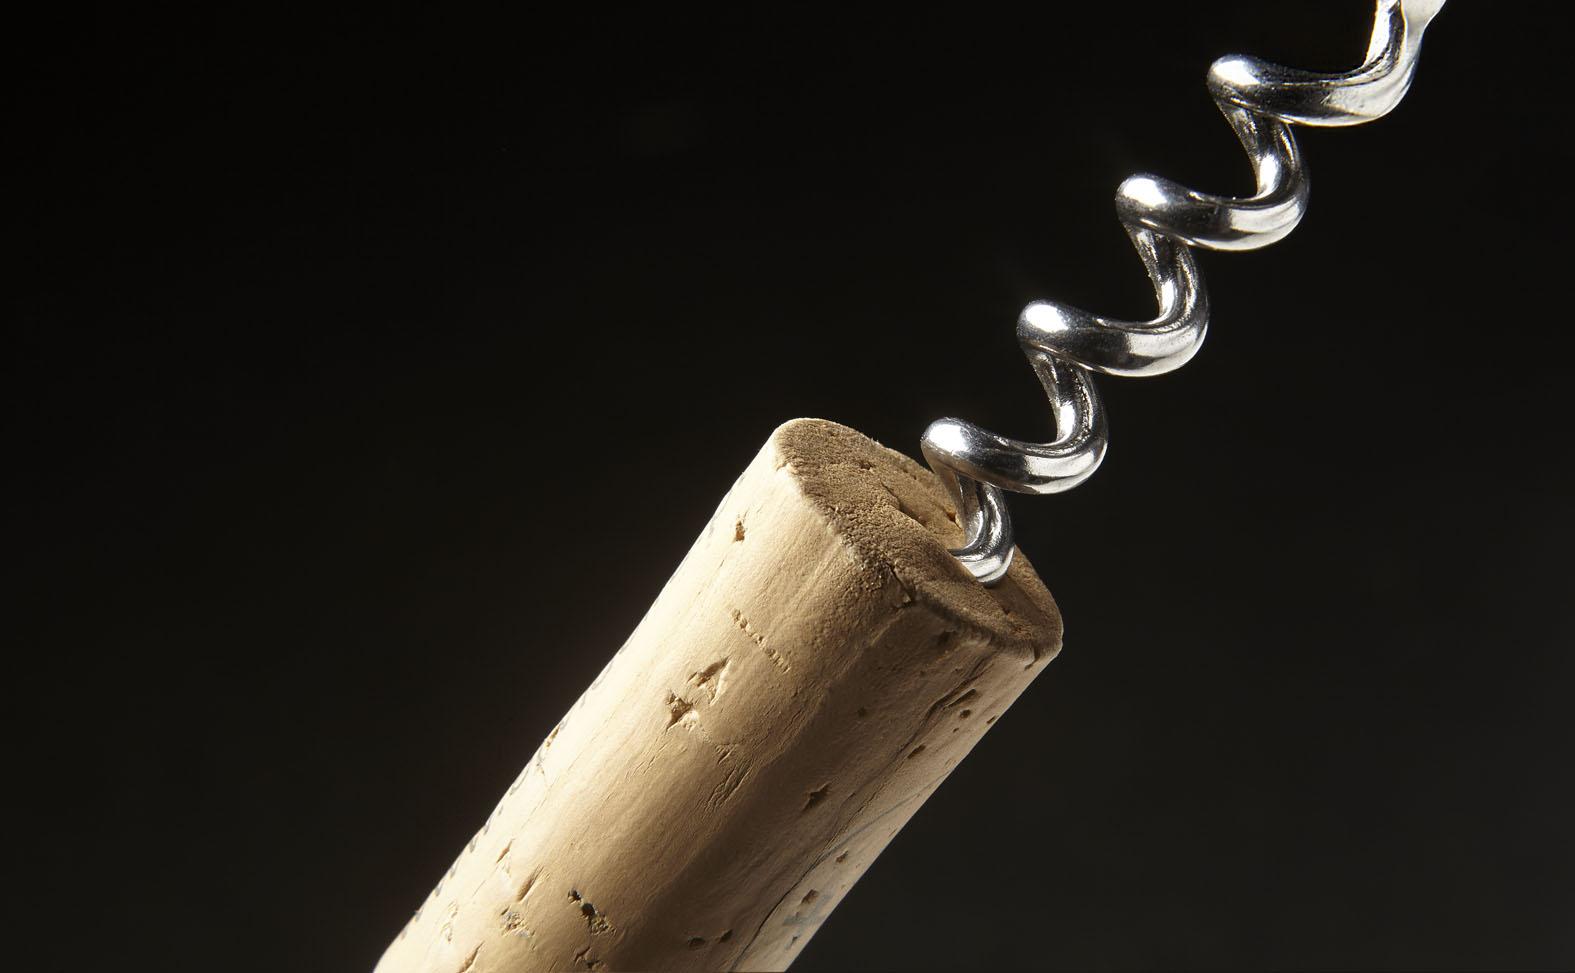 Una delle immagini utilizzate per la Campagna internazionale di promozione del sughero